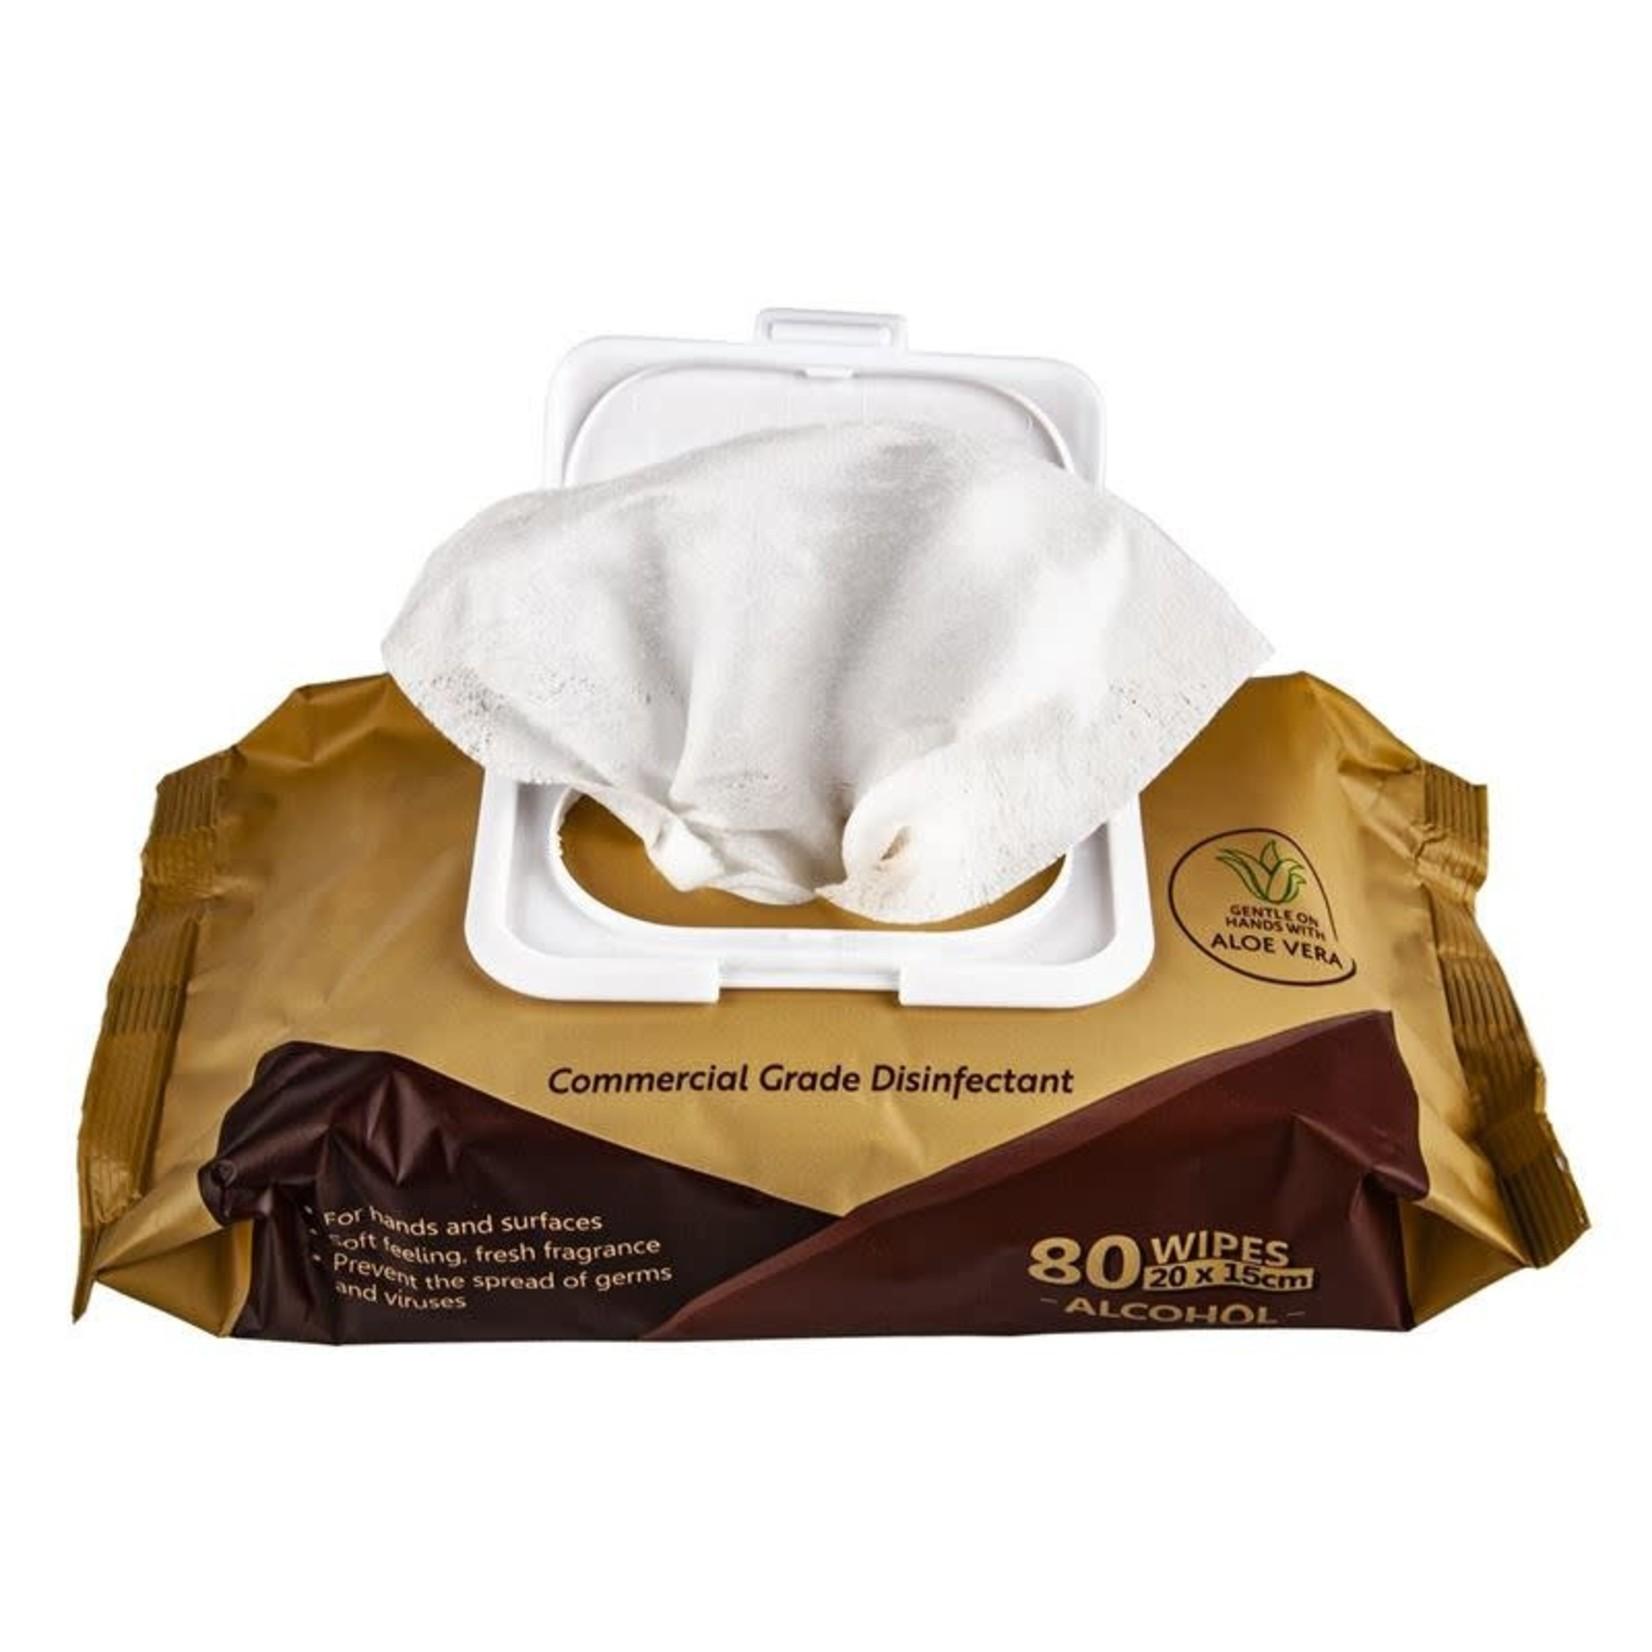 Eco Basics Eco Basics Antibacterial Wipes 80 pack